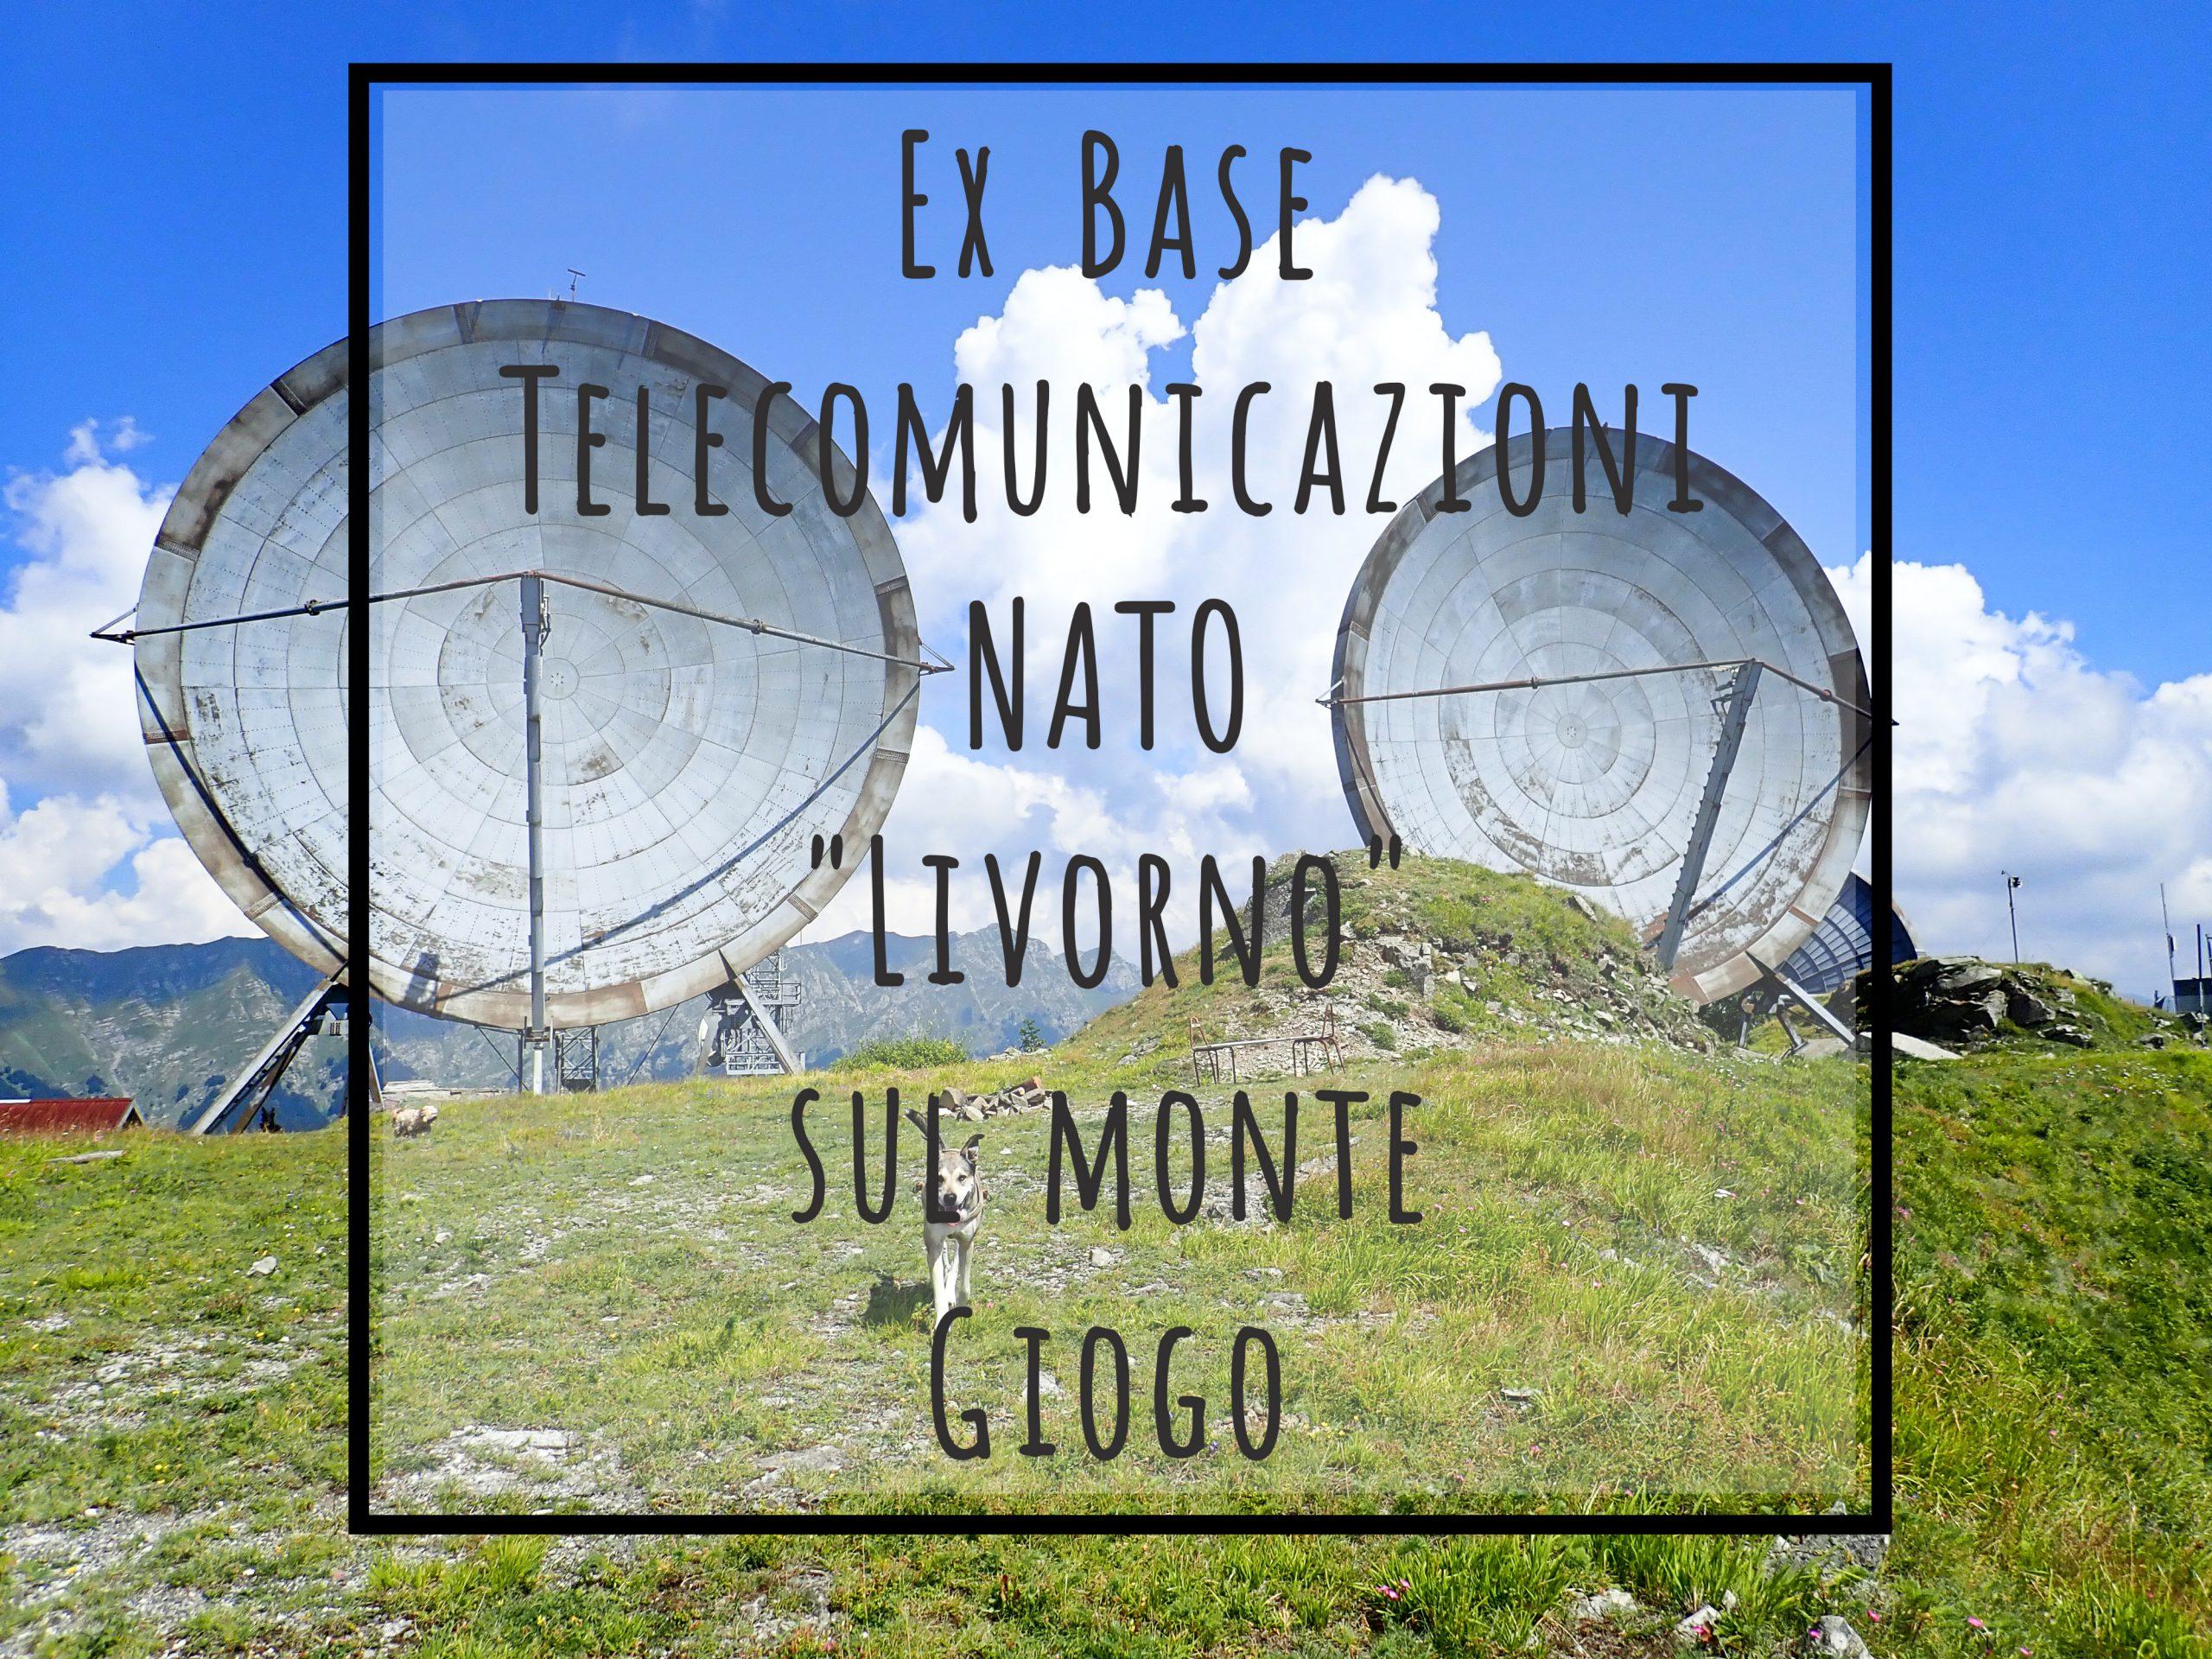 """La ex base di telecomunicazioni NATO """"Livorno"""", sul monte Giogo"""